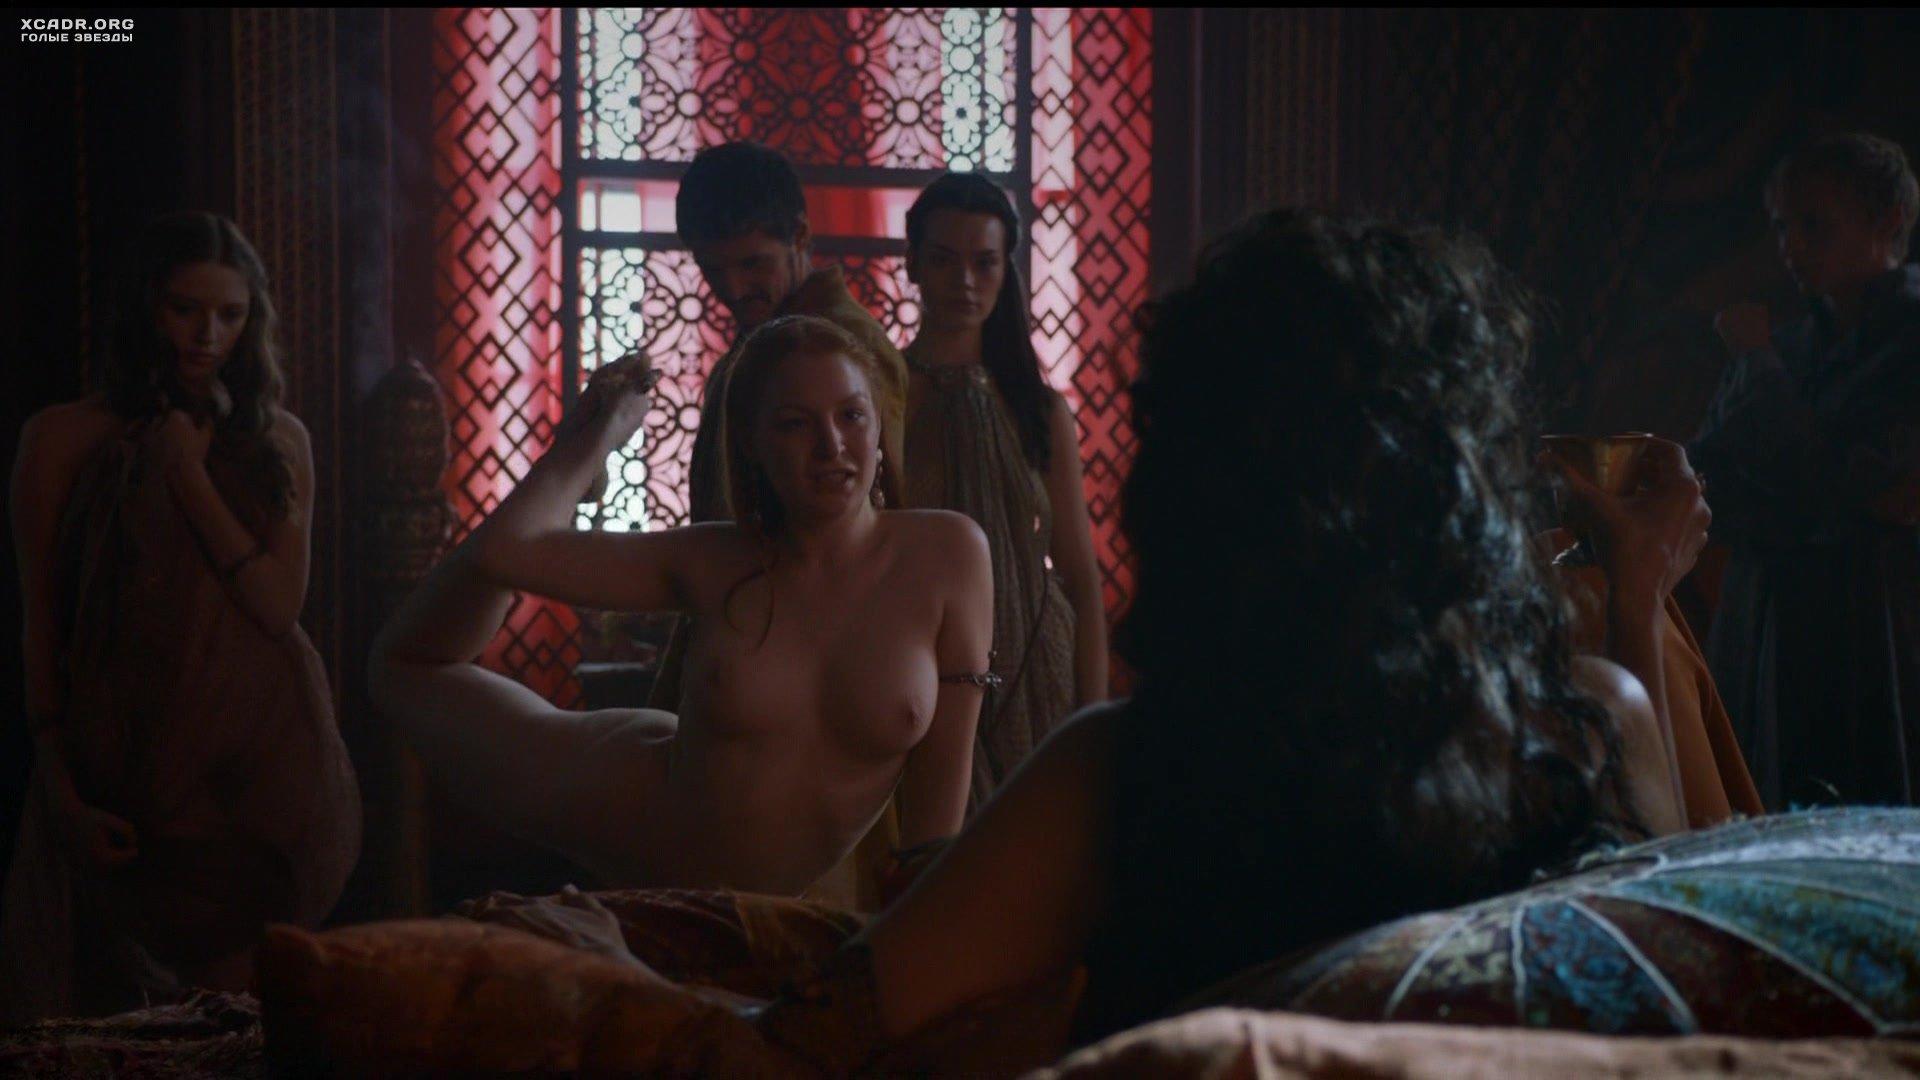 film-s-chastnimi-eroticheskimi-stsenami